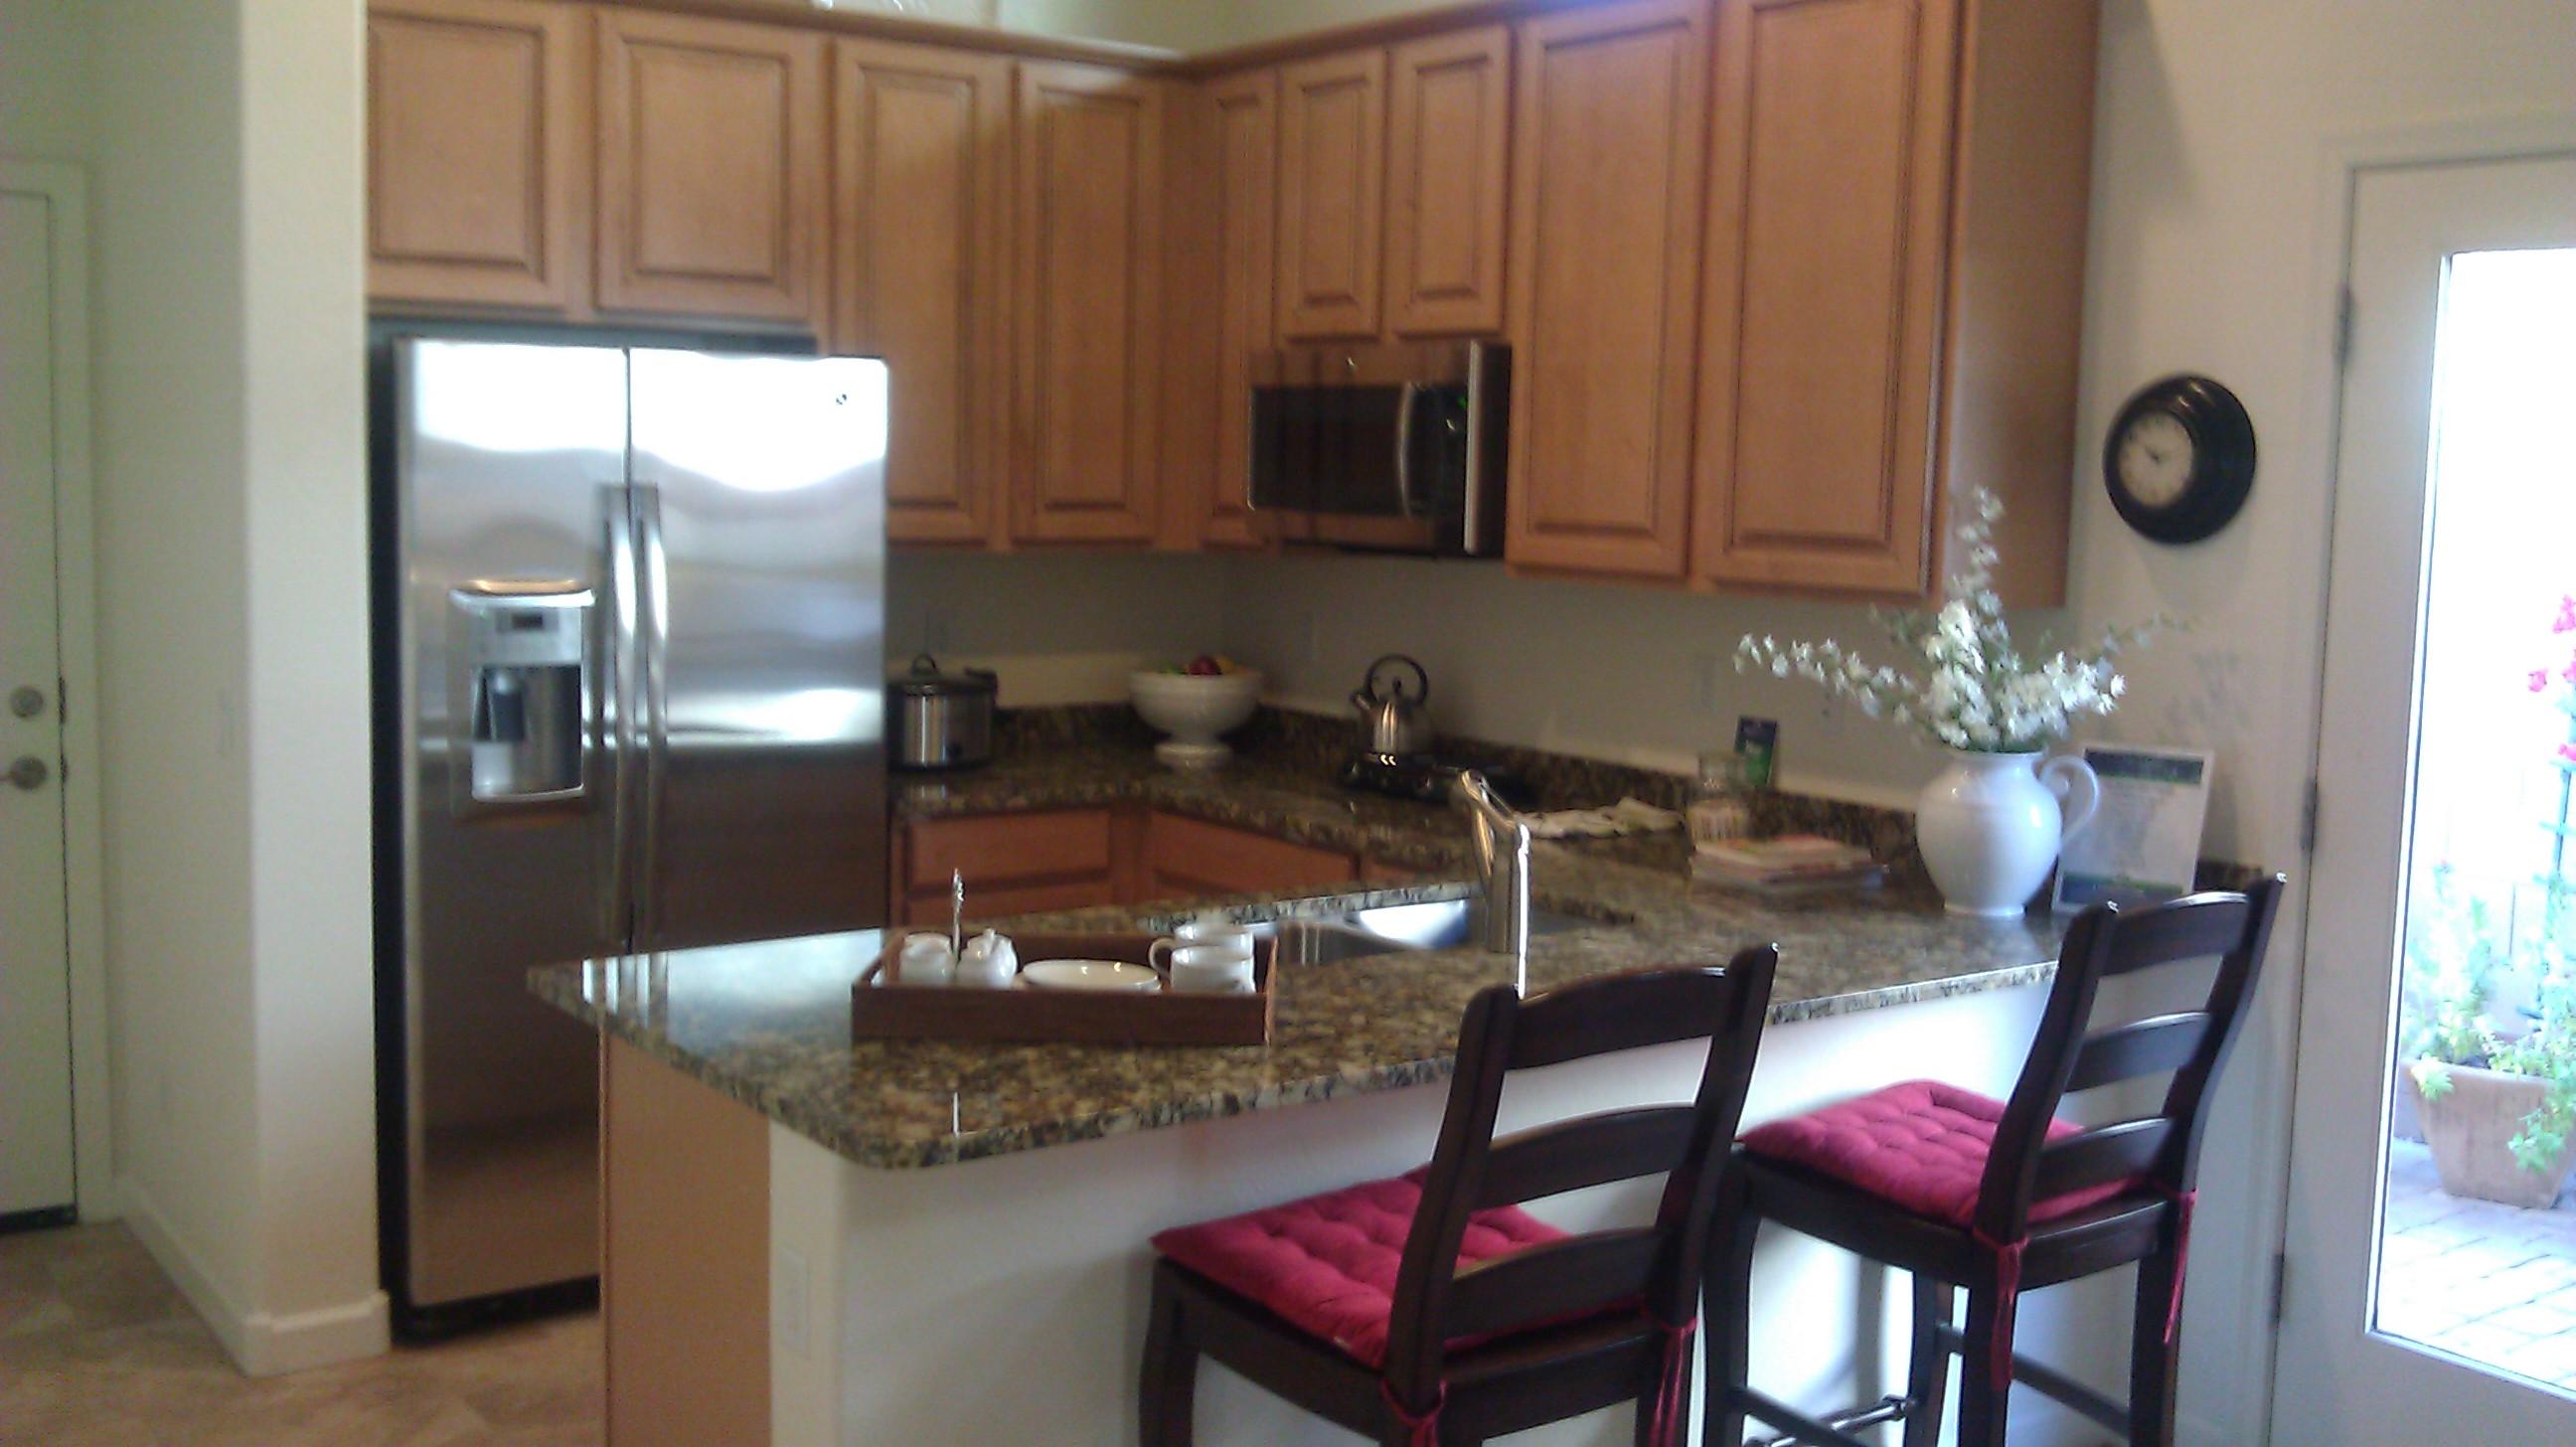 Next Gen Homes Gilbert Az Home Review